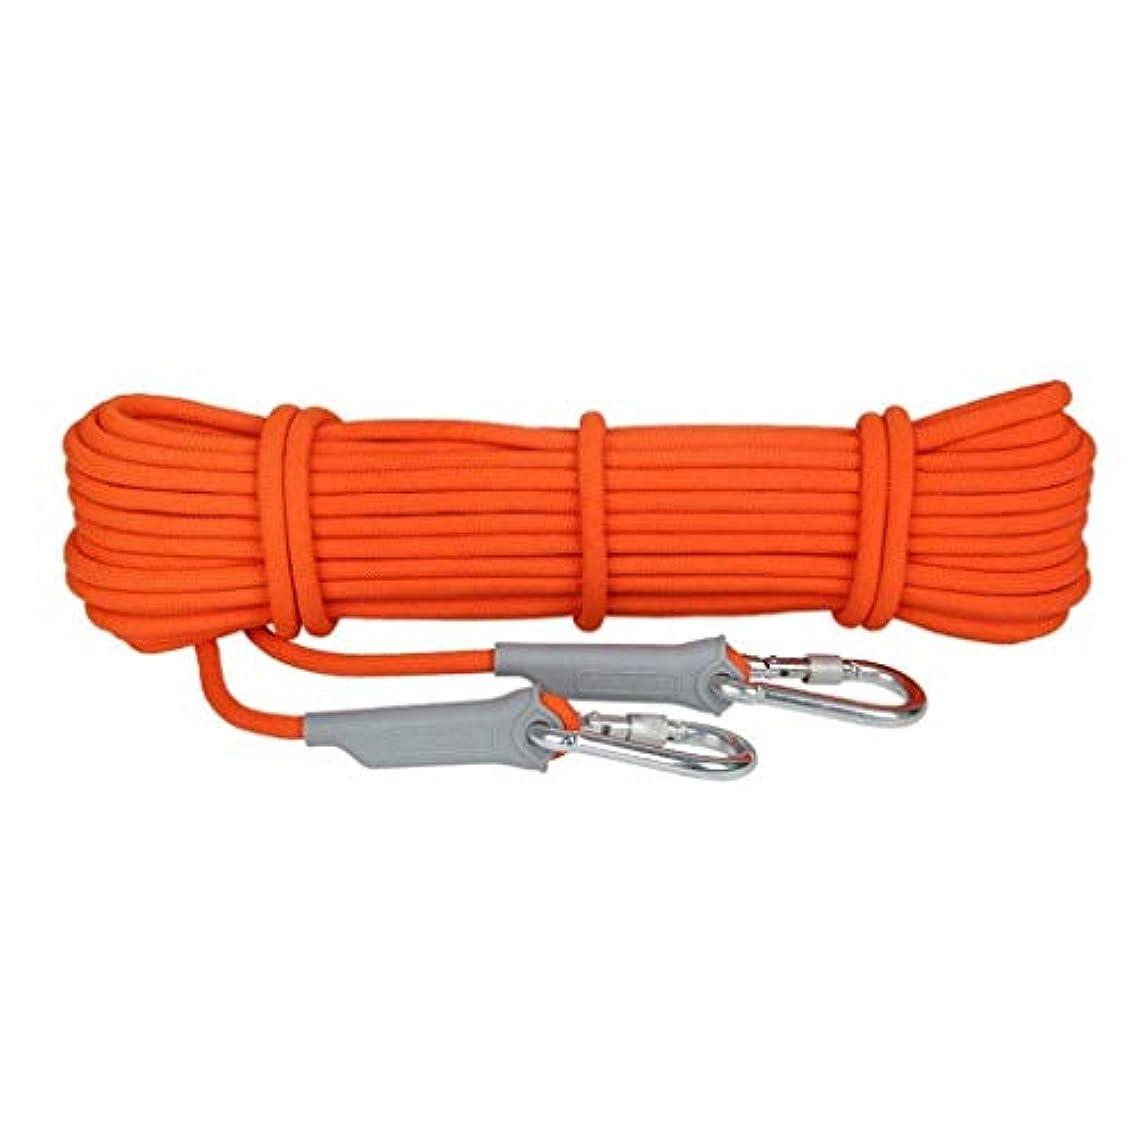 里親鎮静剤ロータリー登山ロープの家の火の緊急脱出ロープ、ハイキングの洞窟探検のキャンプの救助調査および工学保護のための多機能のコードの安全ロープ。 (Color : 8.5mm, Size : 15m)